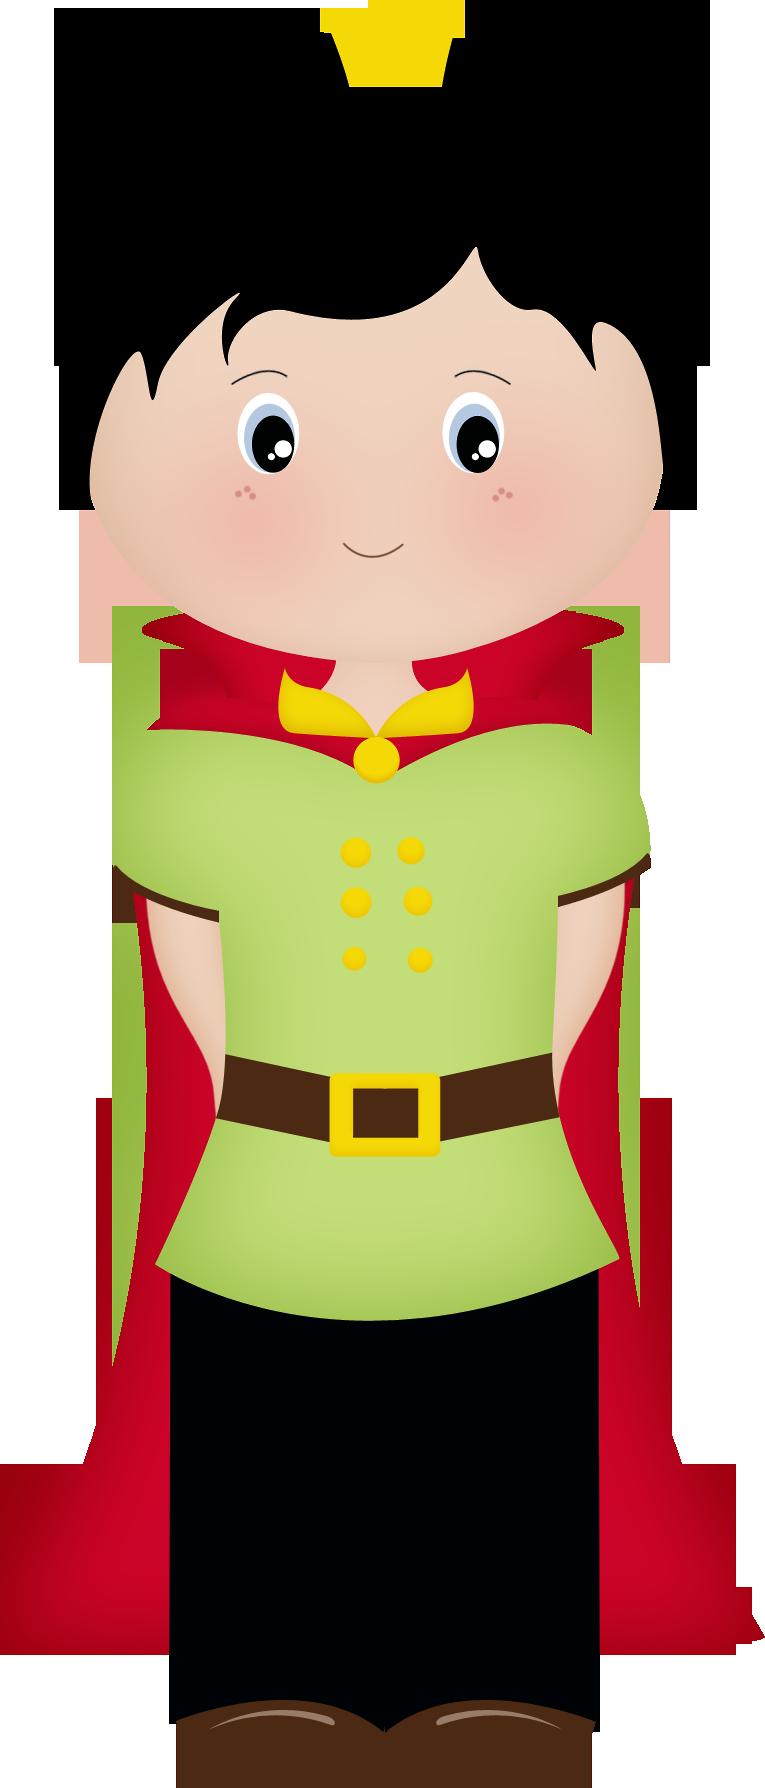 Princesas e pr ncipes. Knight clipart childrens